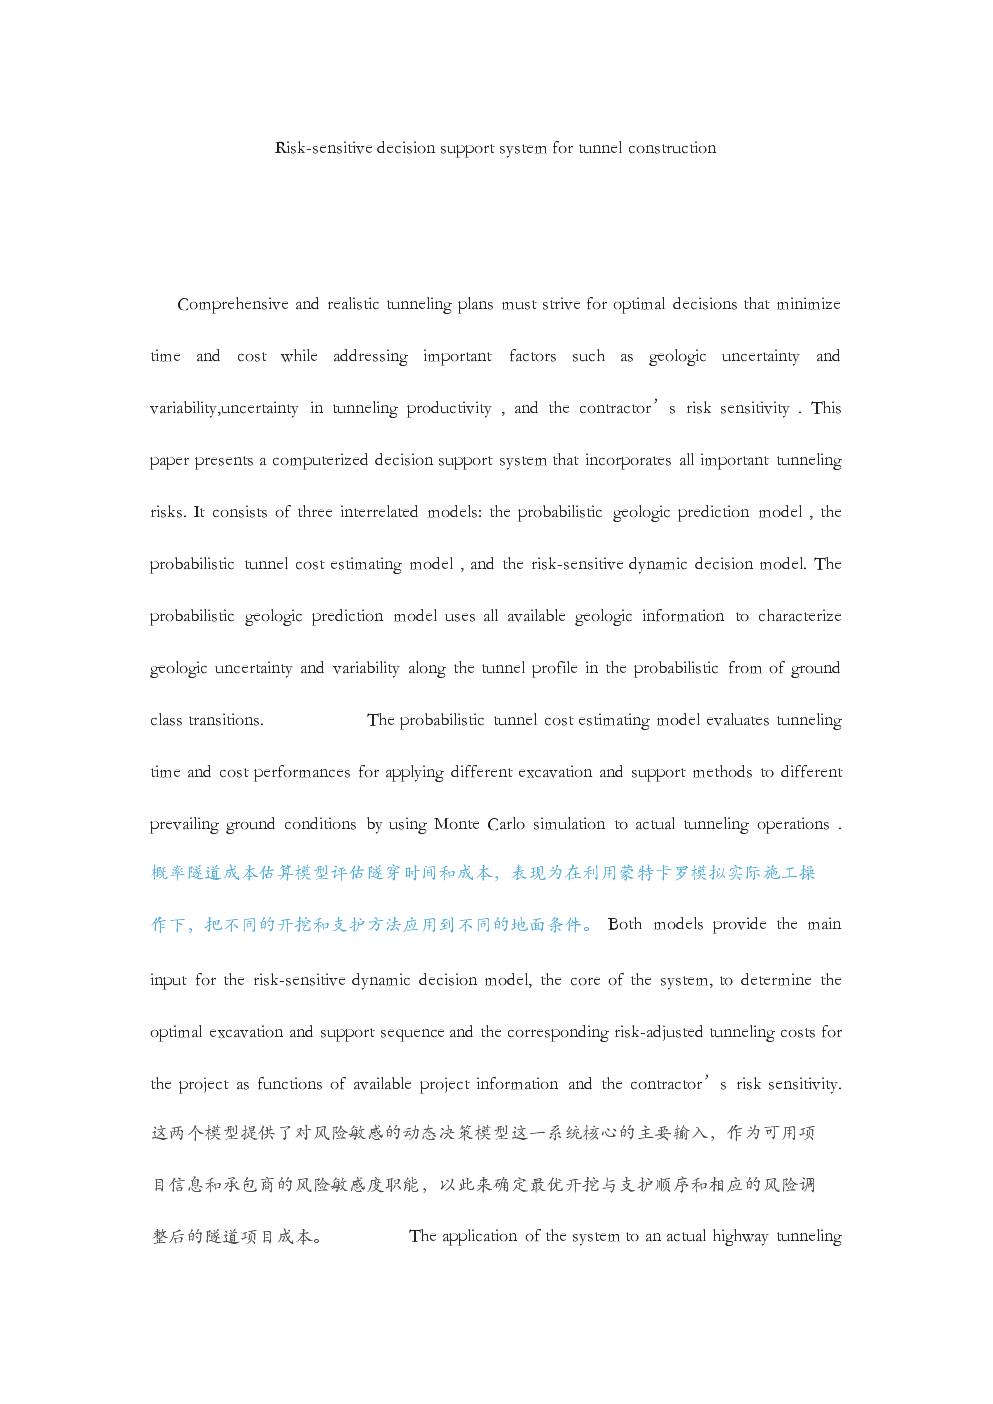 外文翻译--隧道施工风险敏感型决策支持系统.doc